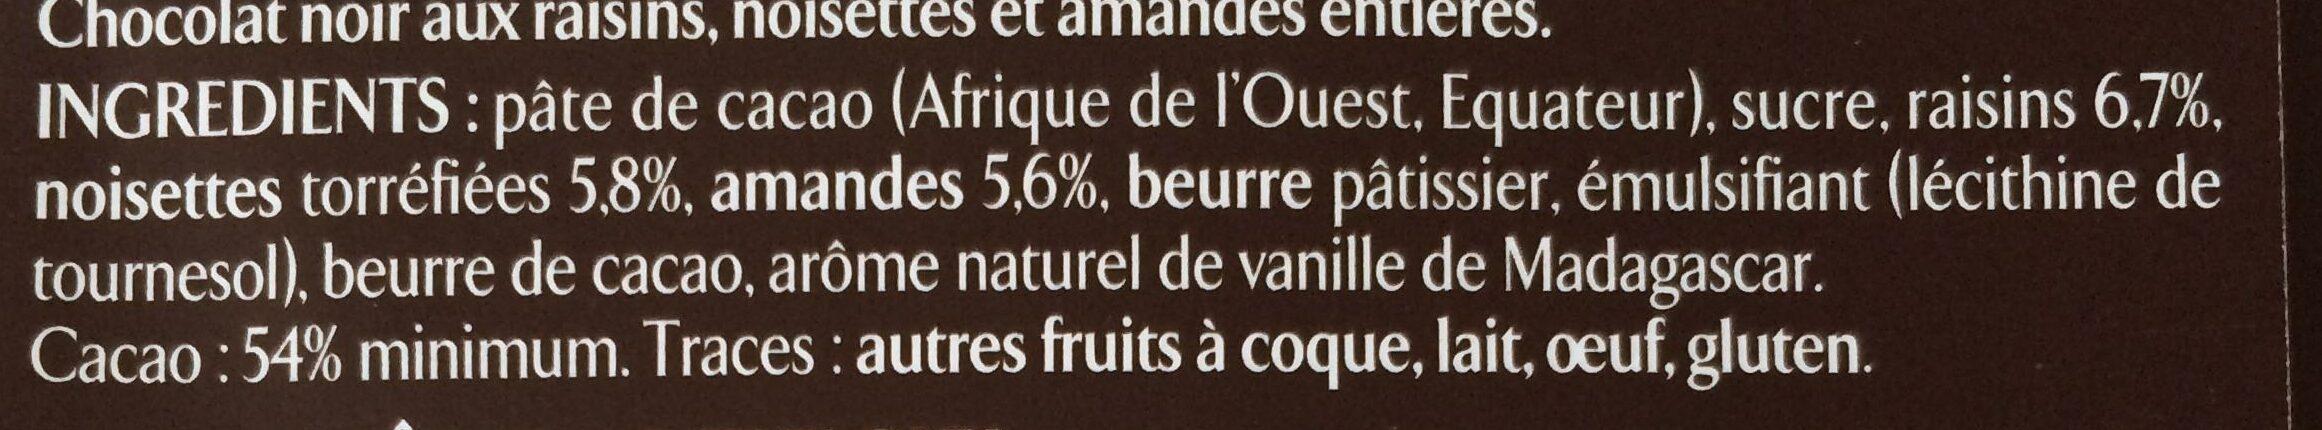 Les recettes de l'atelier raisins, amandes & noisettes - Ingrédients - fr